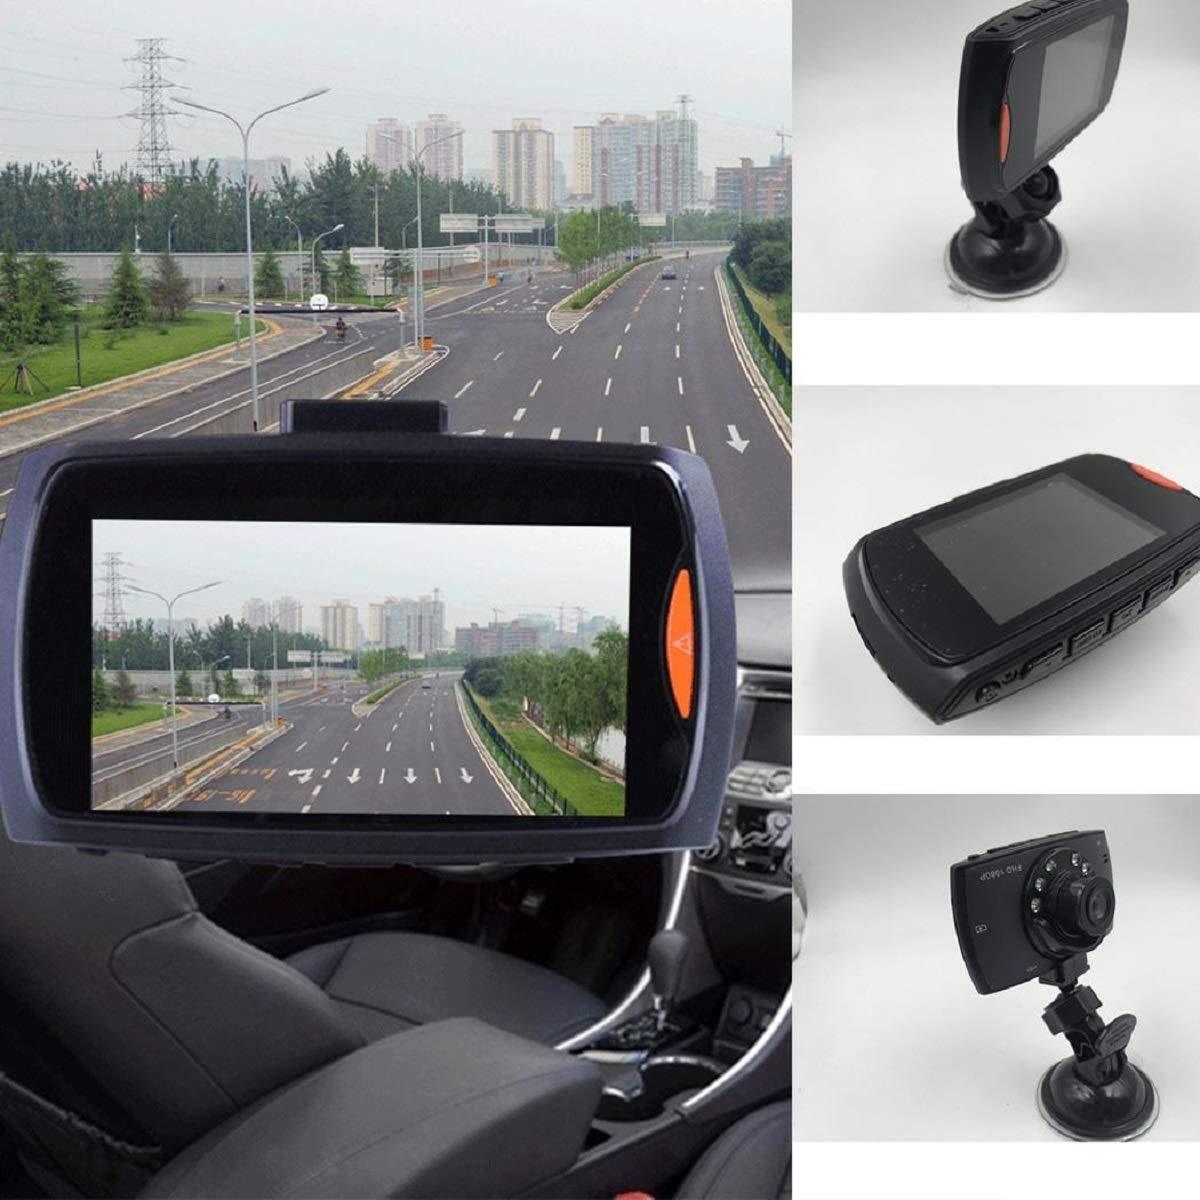 vobome 720P/1080P Full HD Screen Car DVR Camera Multi-Function HD Driving Recorder Super Wide-Angle Night Vision Camera Automobile Recorder